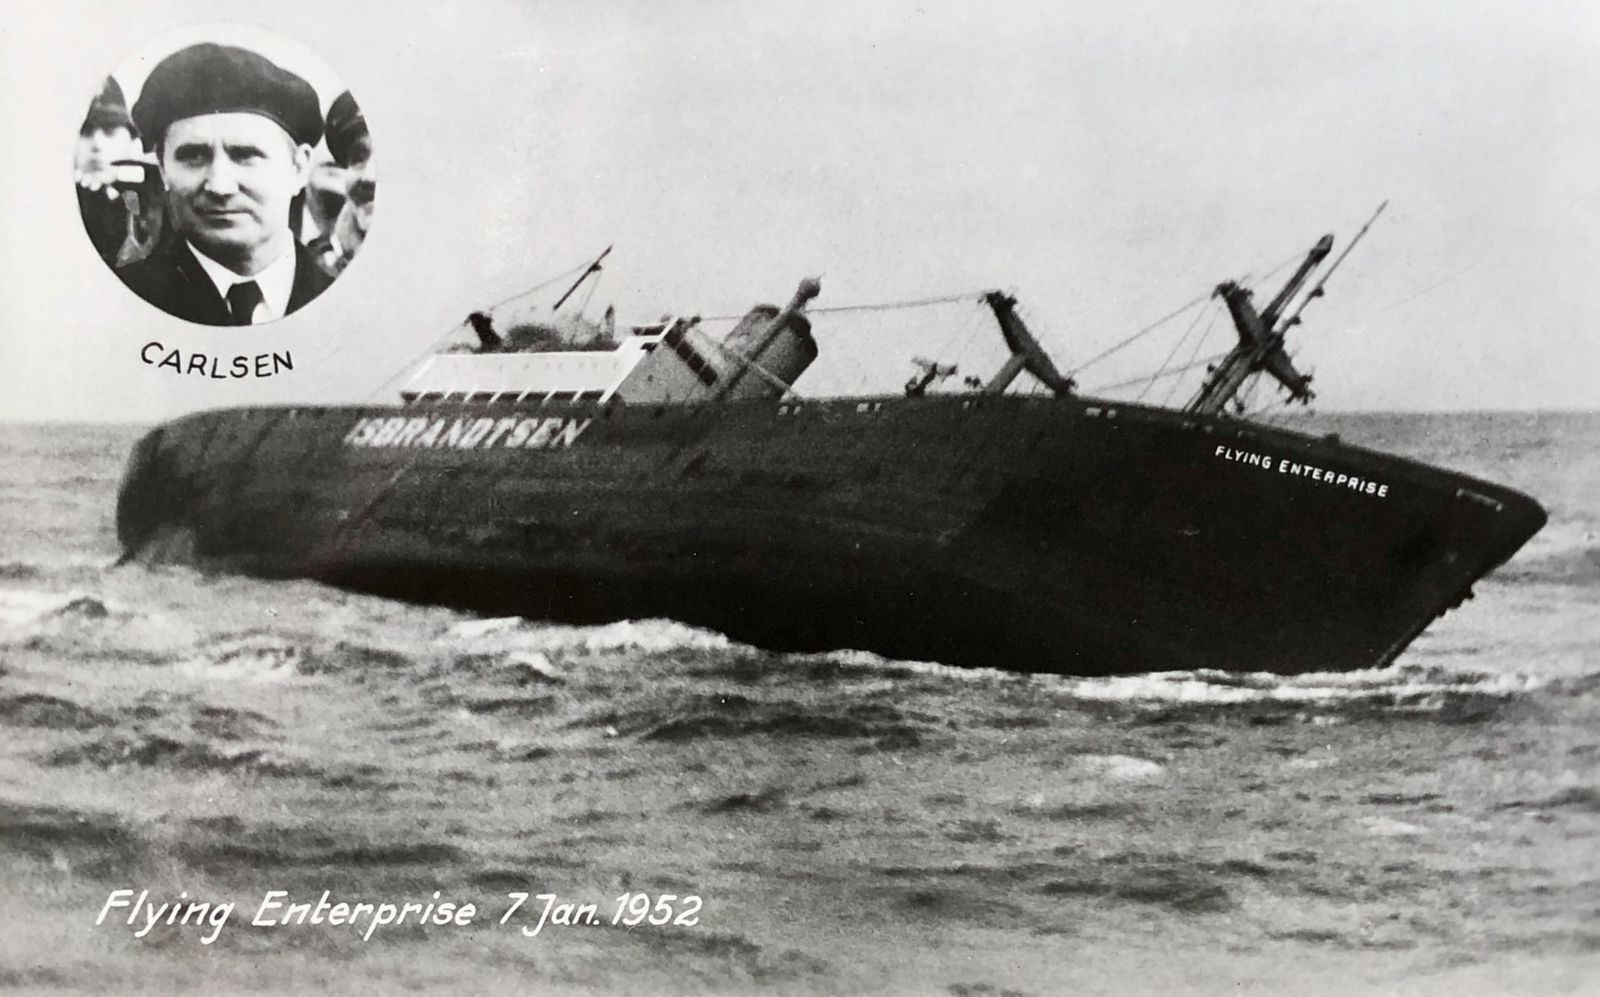 Kapitän von Bord - 10th January 1952, Kurt Carlsen the Captain